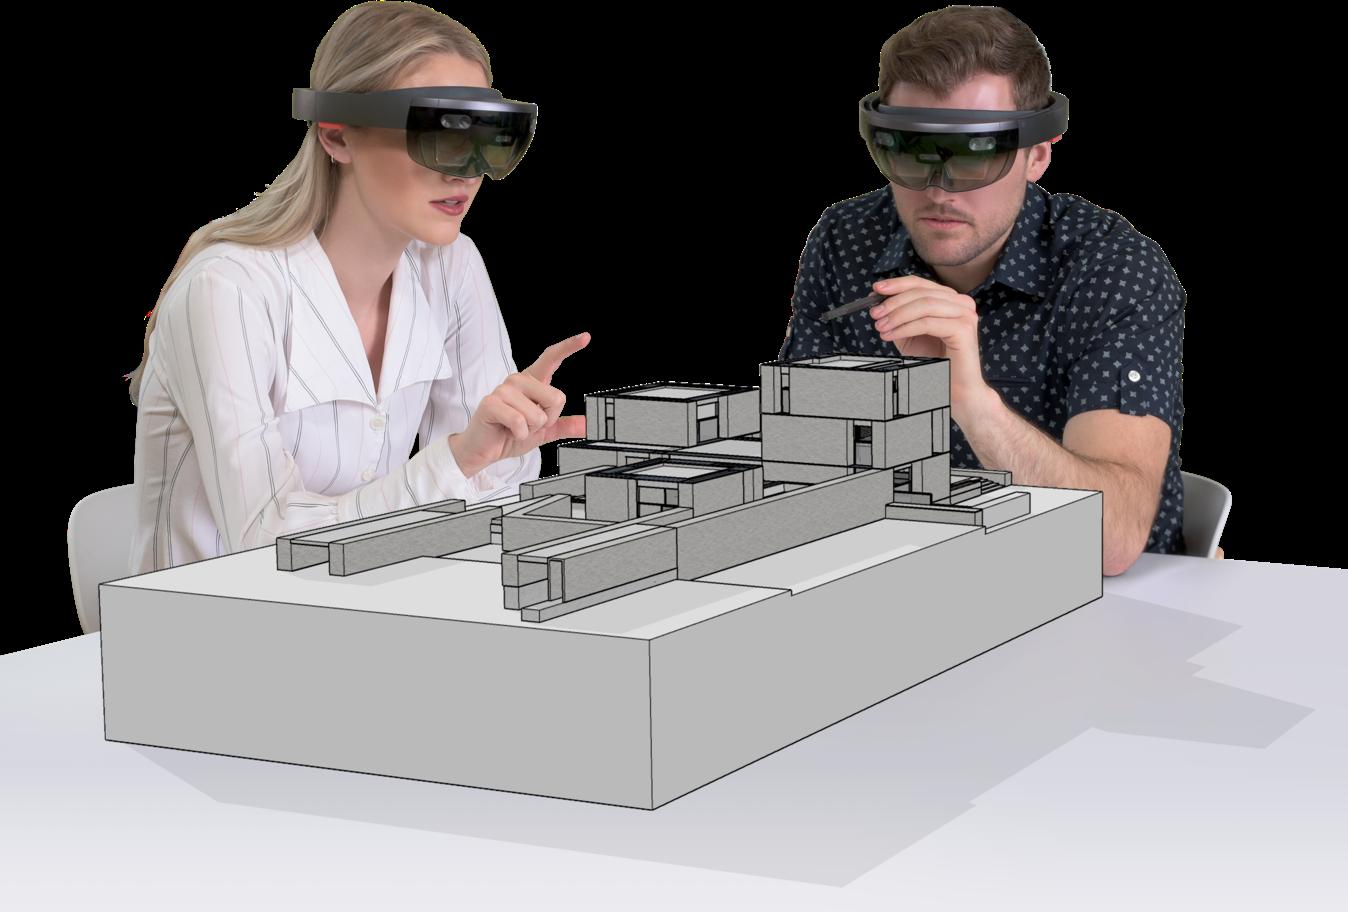 SketchUp Viewer jest kompatybilny z wiodącymi urządzeniami AR/VR/MR